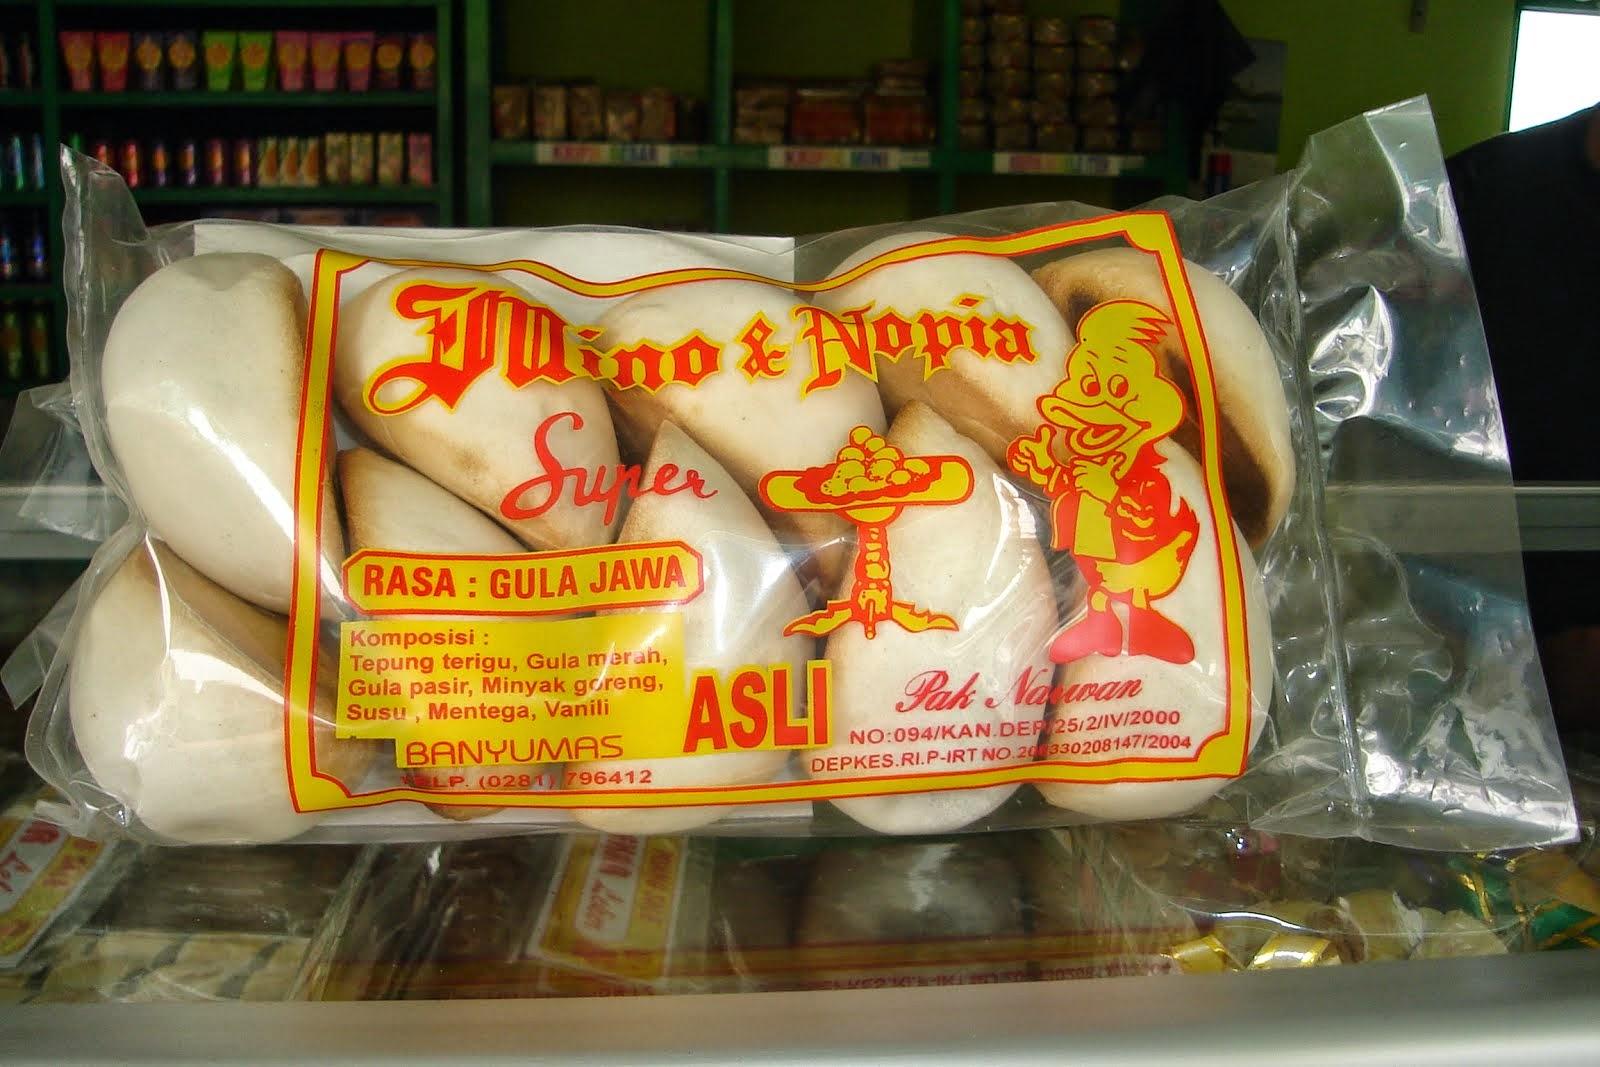 Nopia